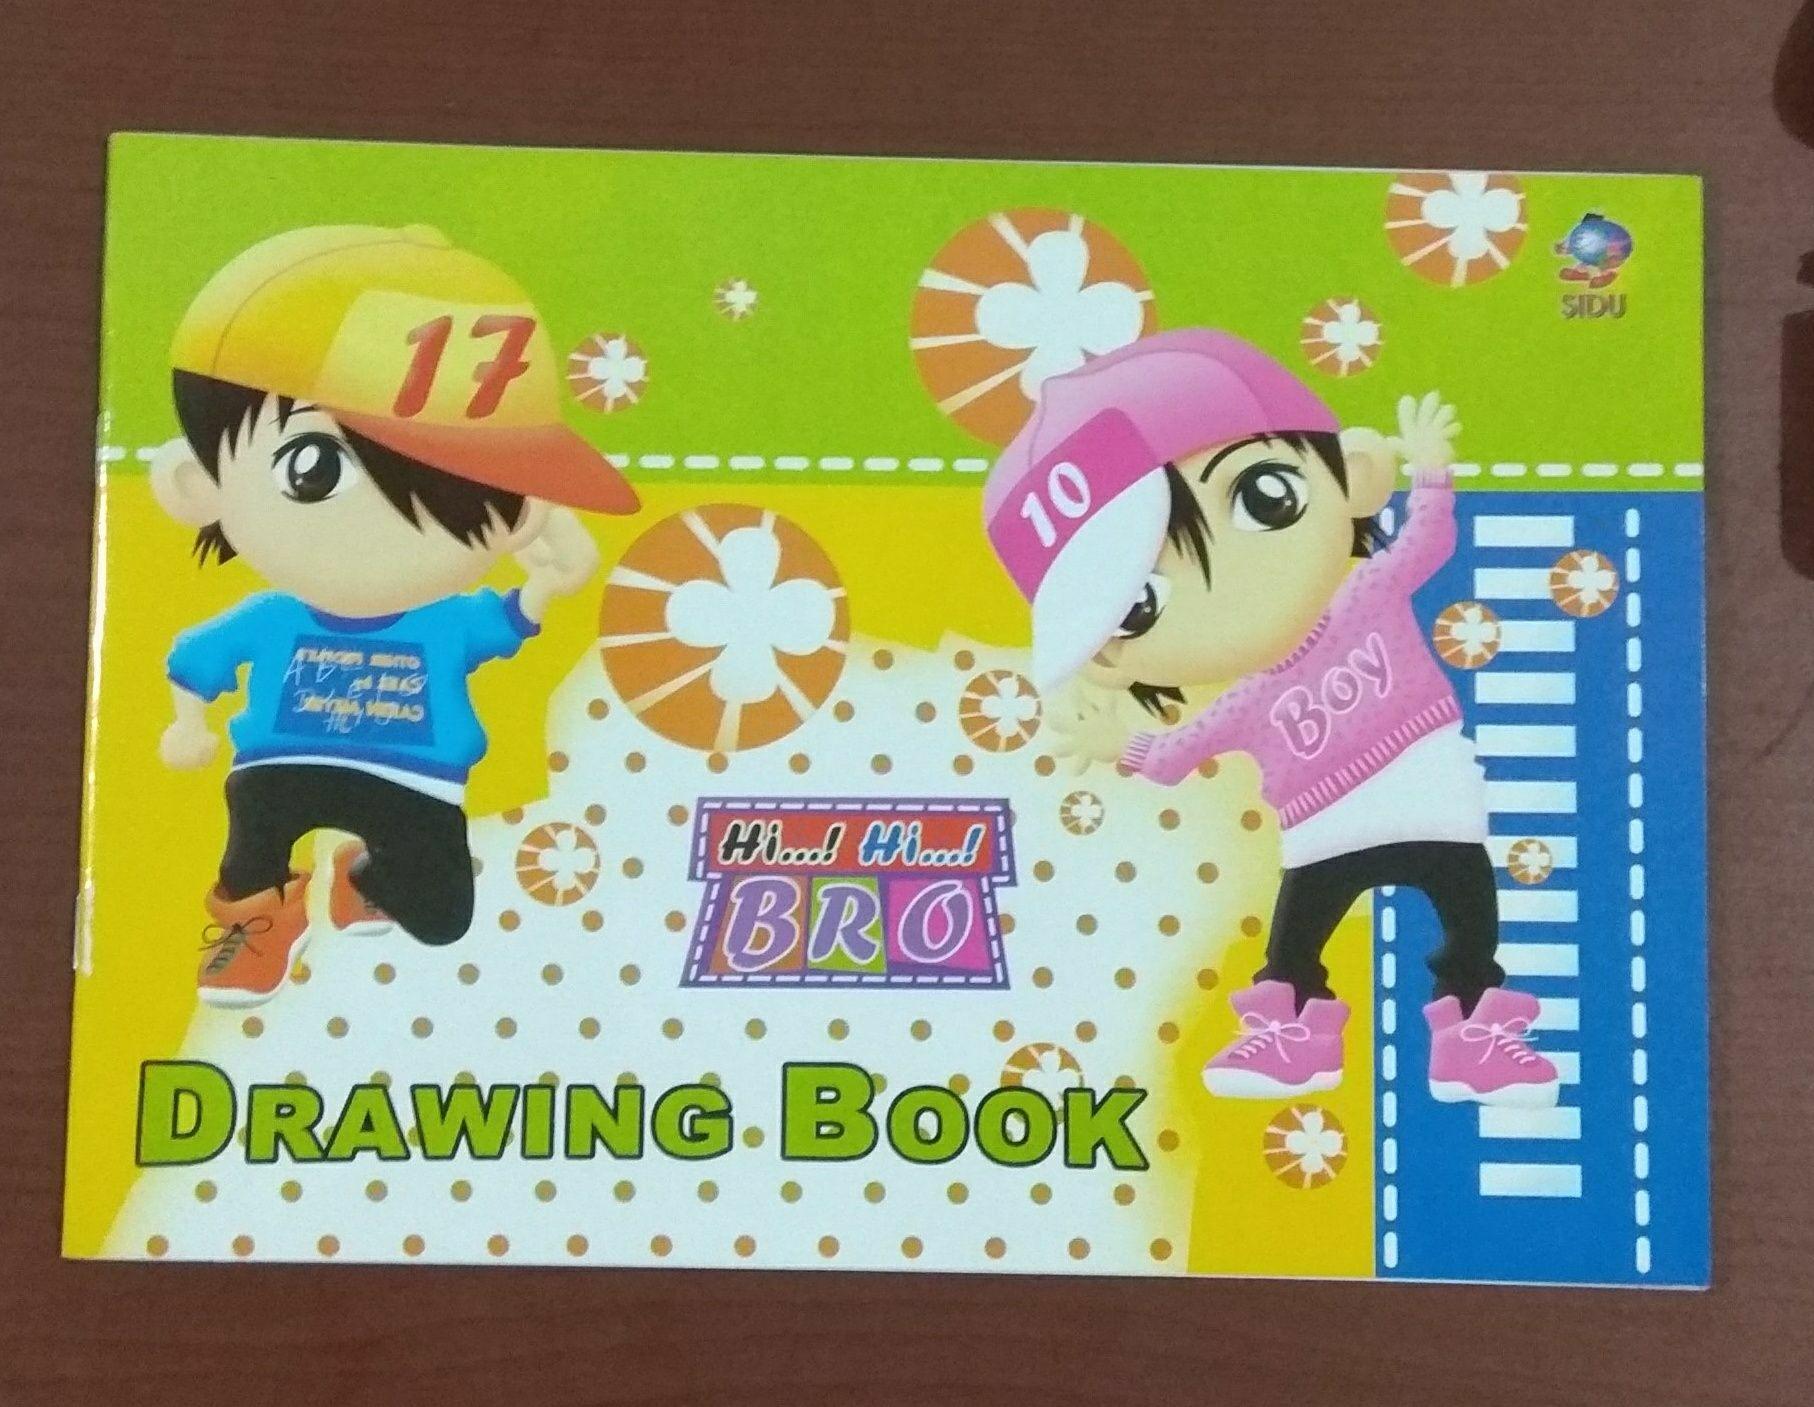 Buku gambar ukuran kecil merk SIDU